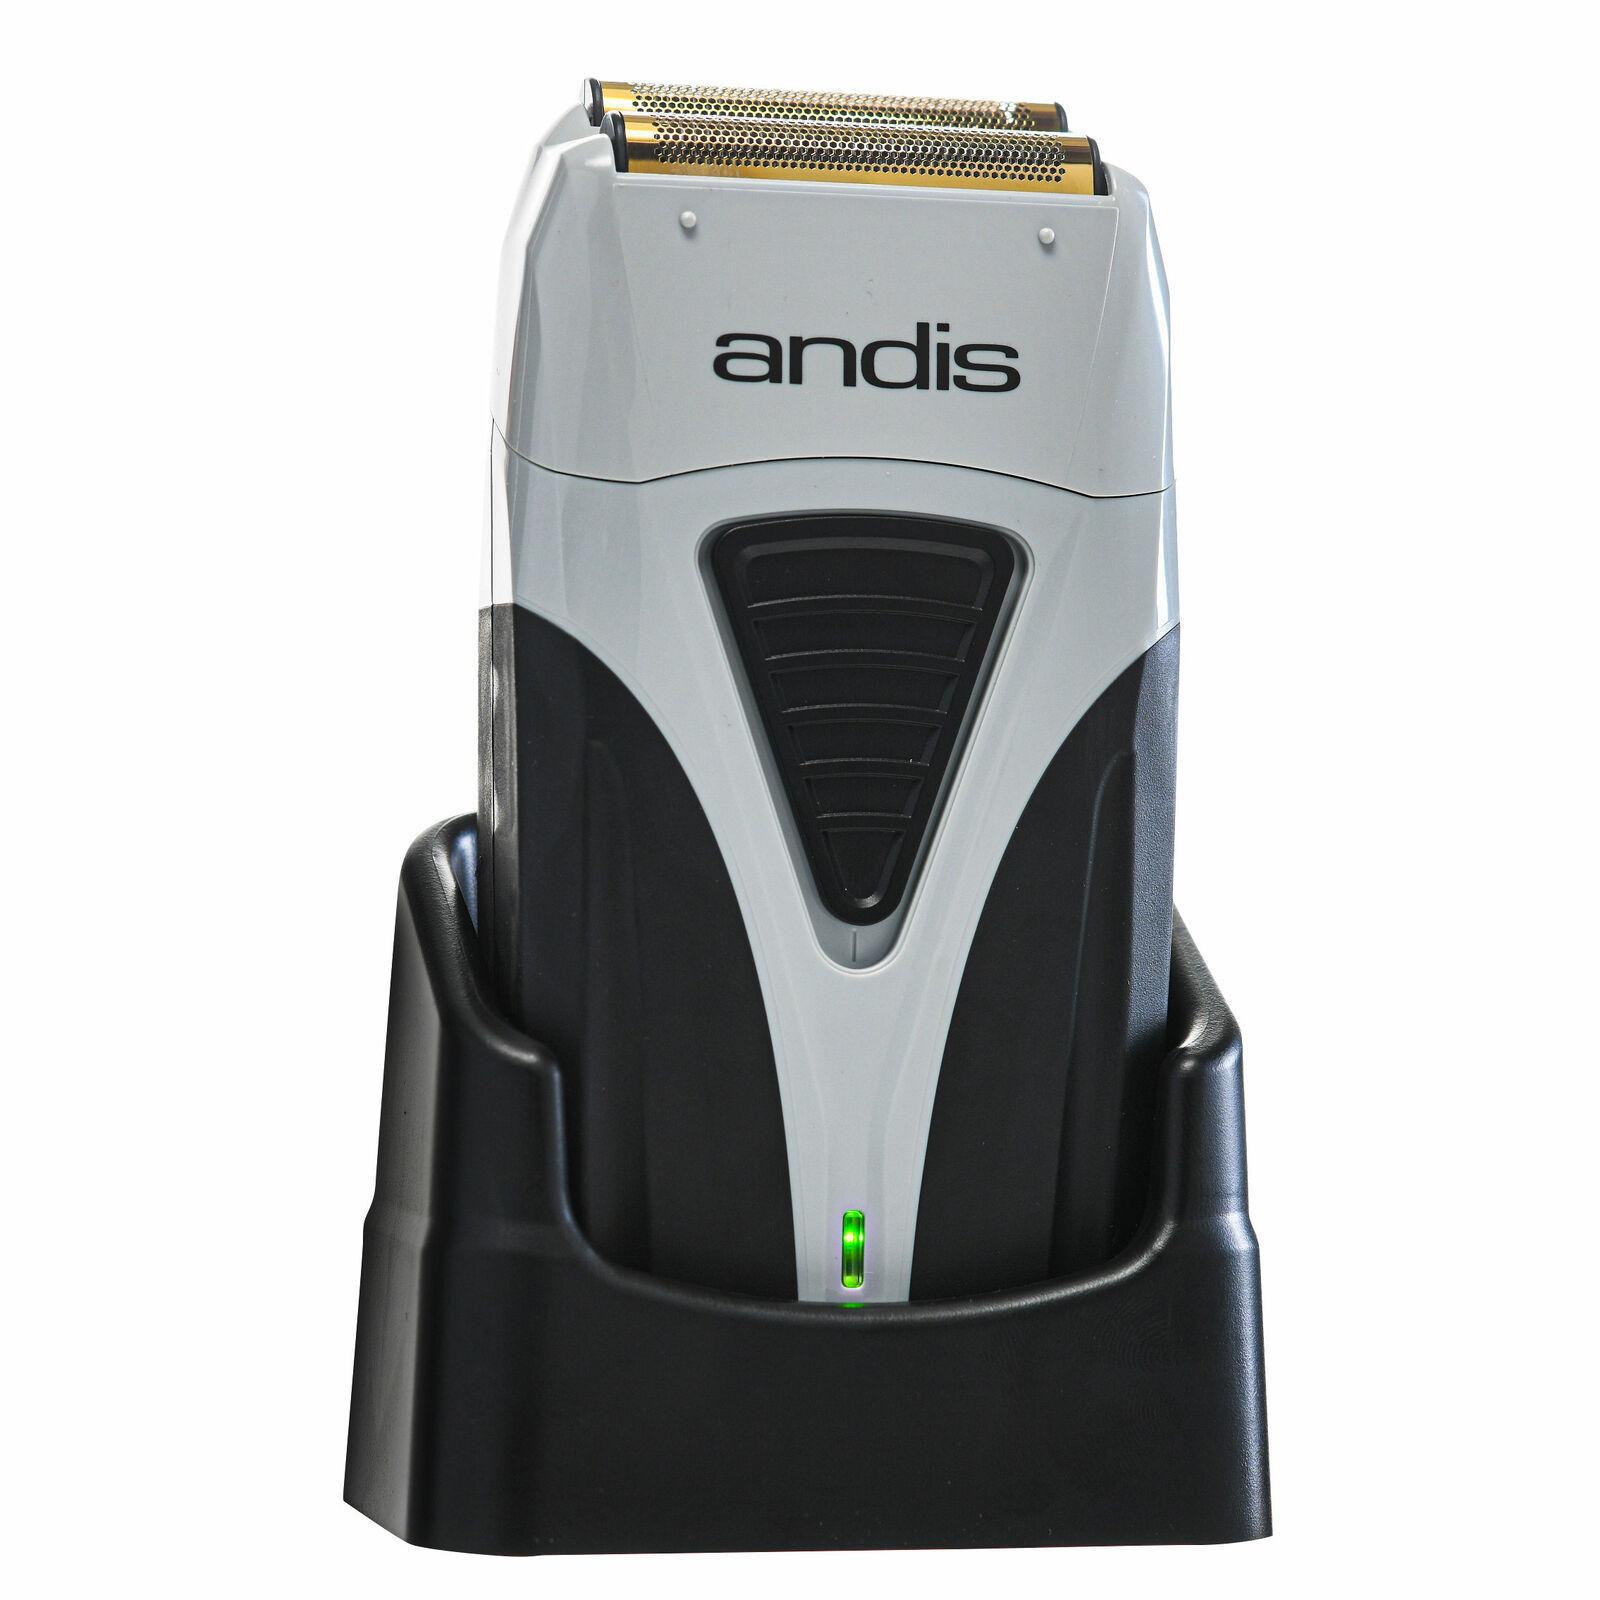 Andis Profoil Lithium Plus #17200 Titanium Foil Shaver Cordless Hypo-Allergenic - $79.19